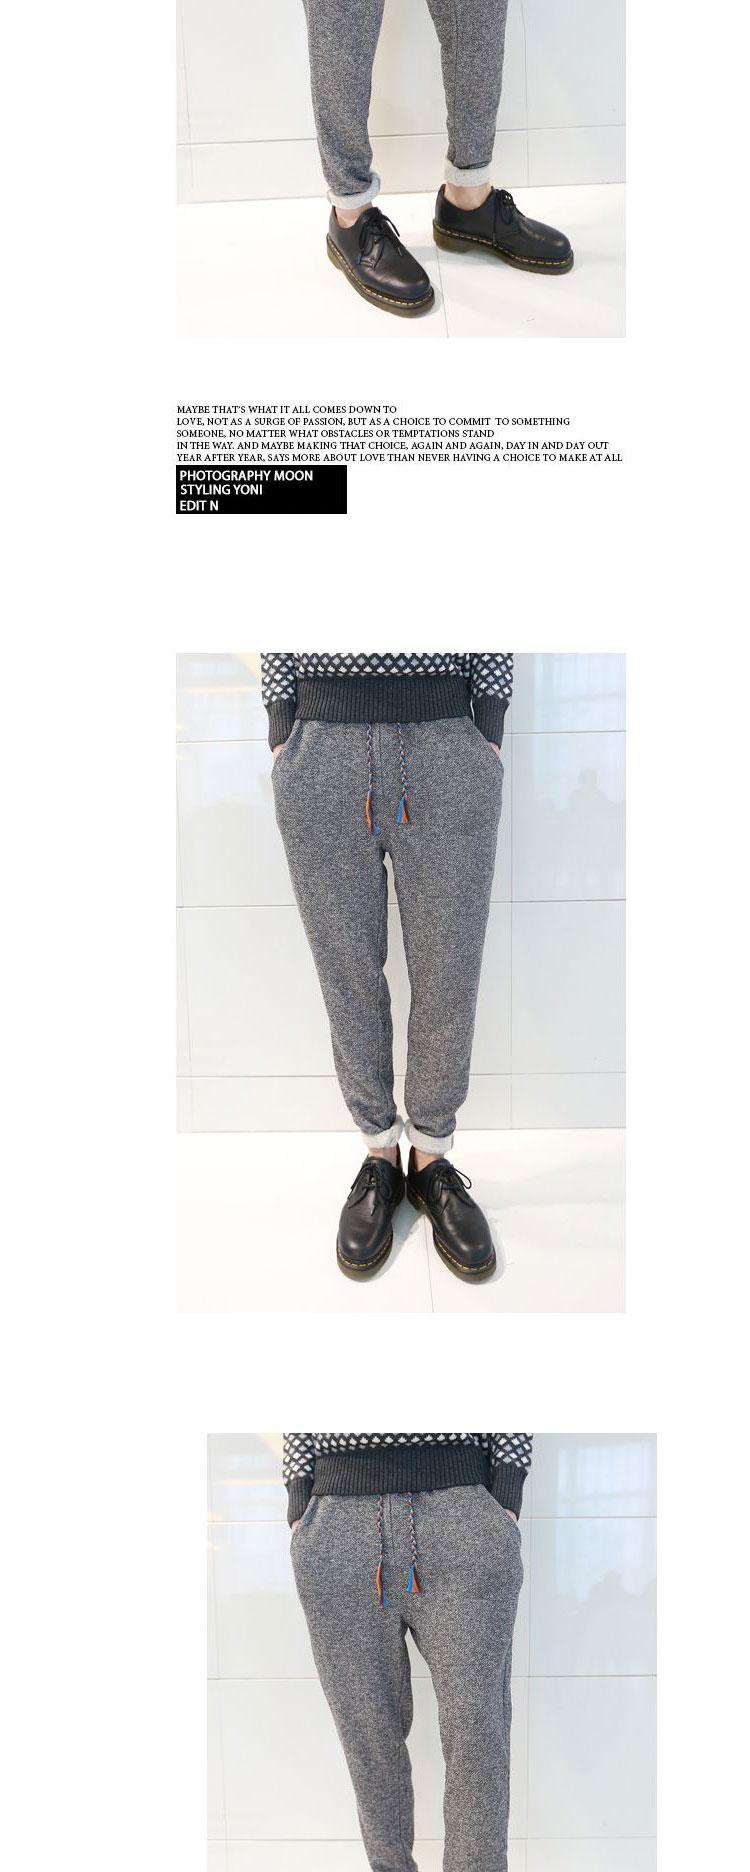 djs 夏季新款 韩版修身长裤男士休闲裤彩色抽绳运动裤